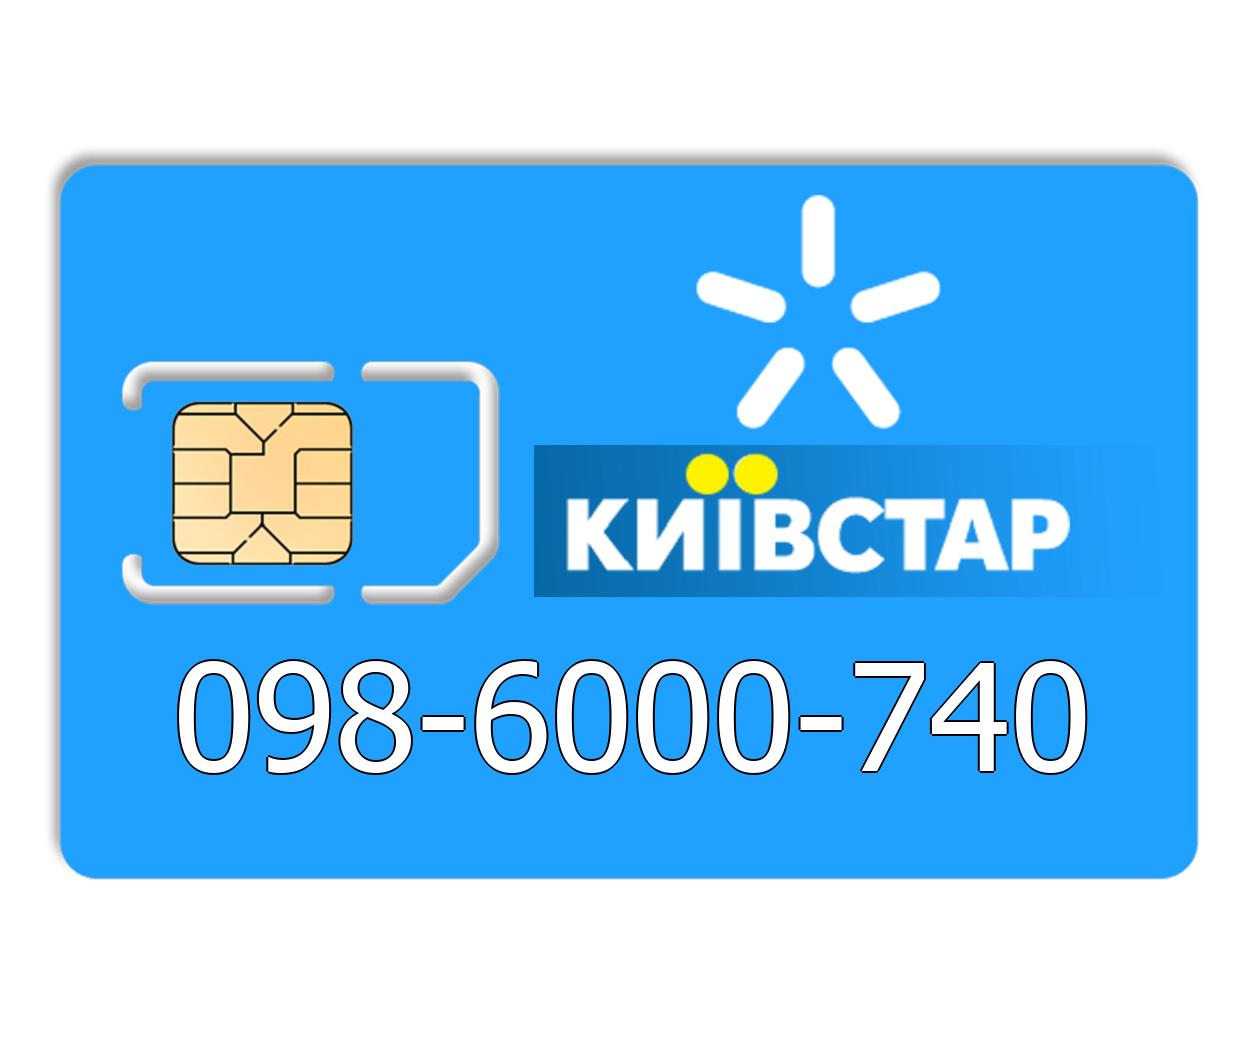 Красивый номер Киевстар 098-6000-740